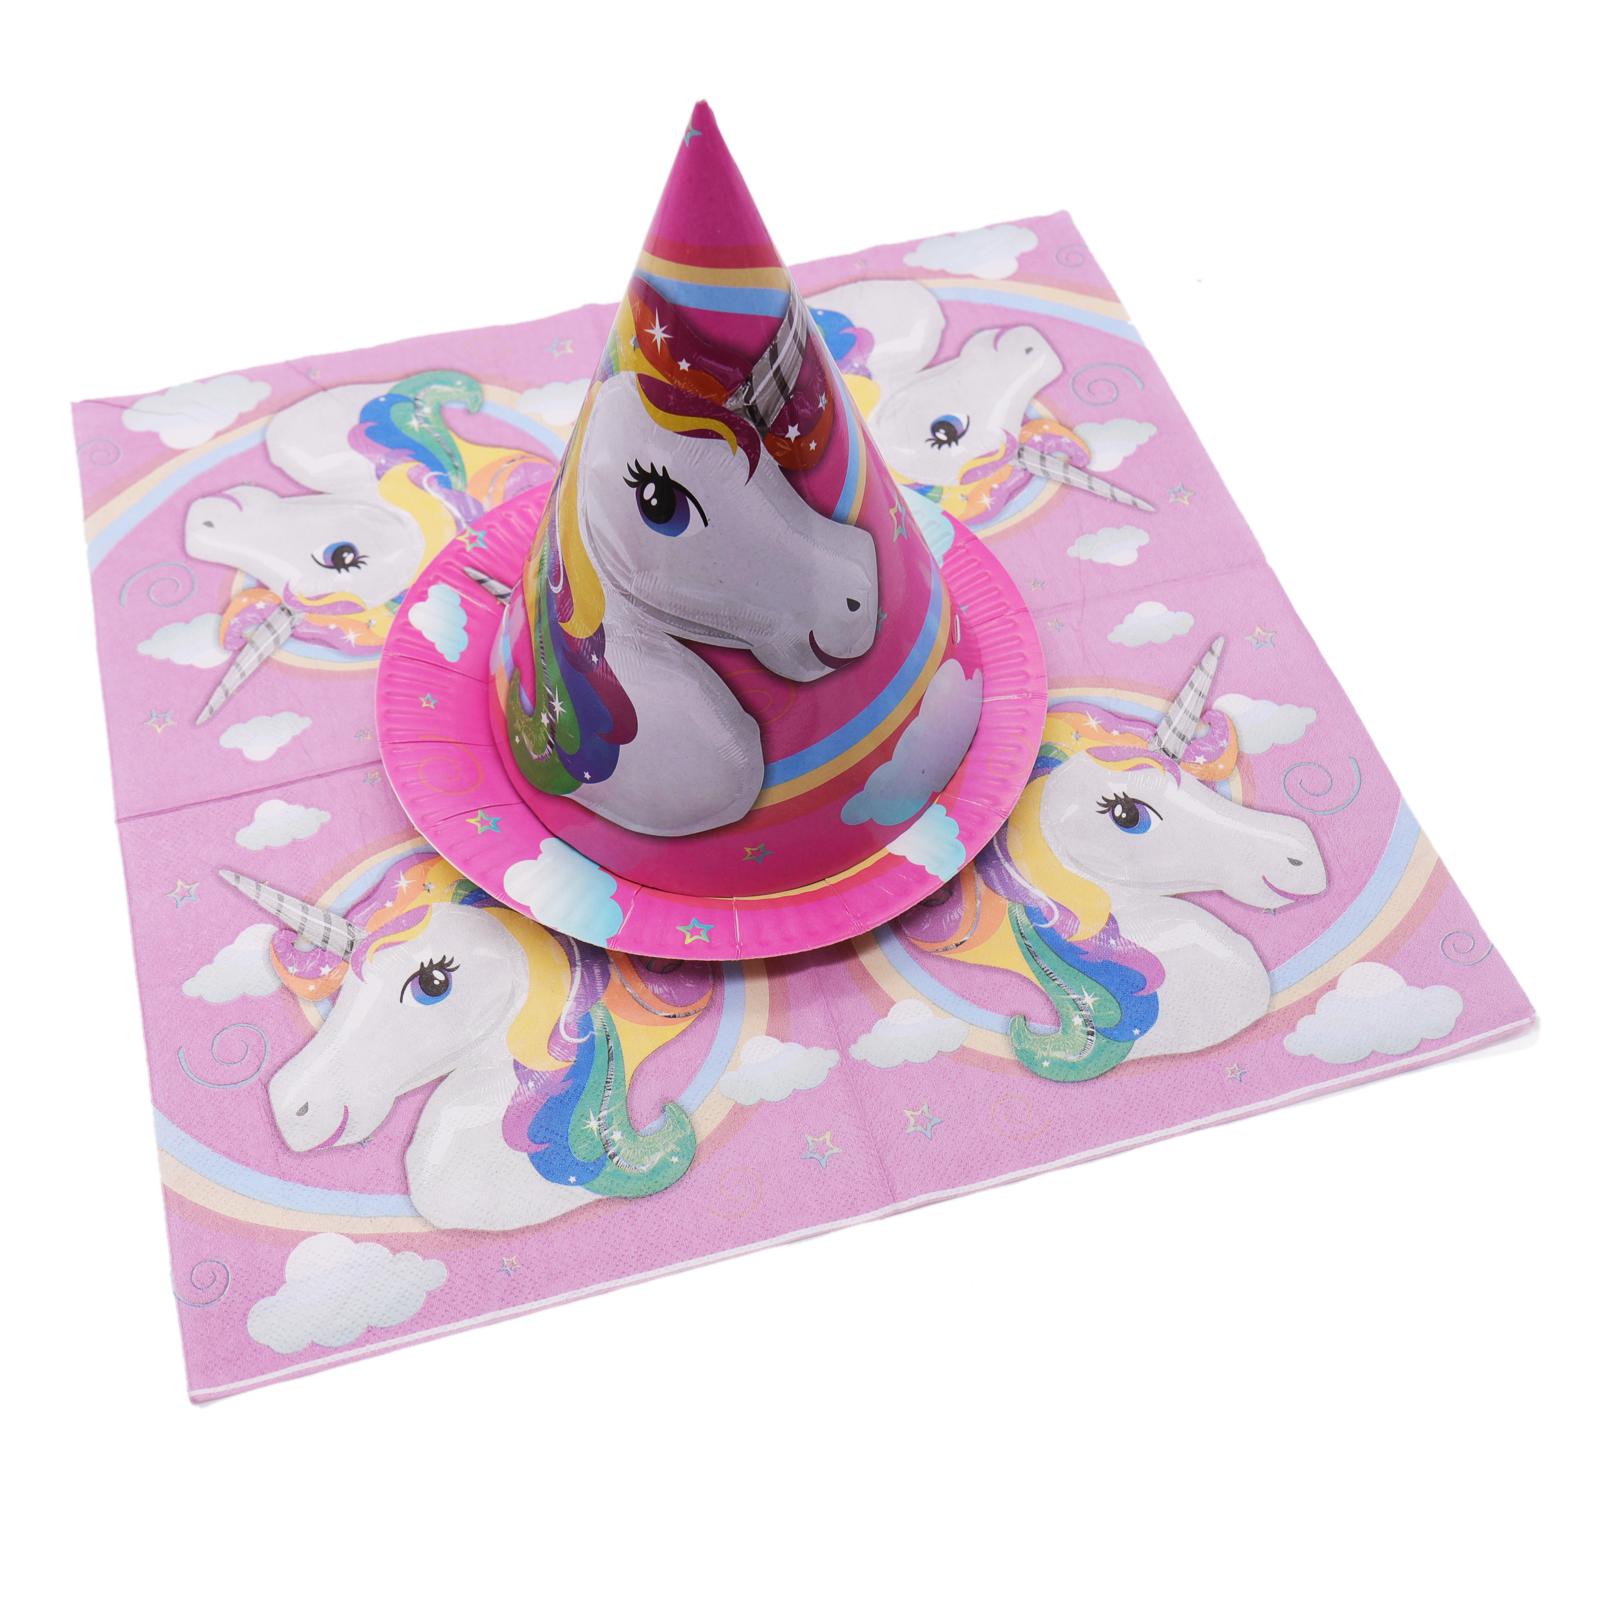 יום הולדת חד קרן כוסות צלחות מפיות מפת שולחן לייף-דיזיין להזמנה